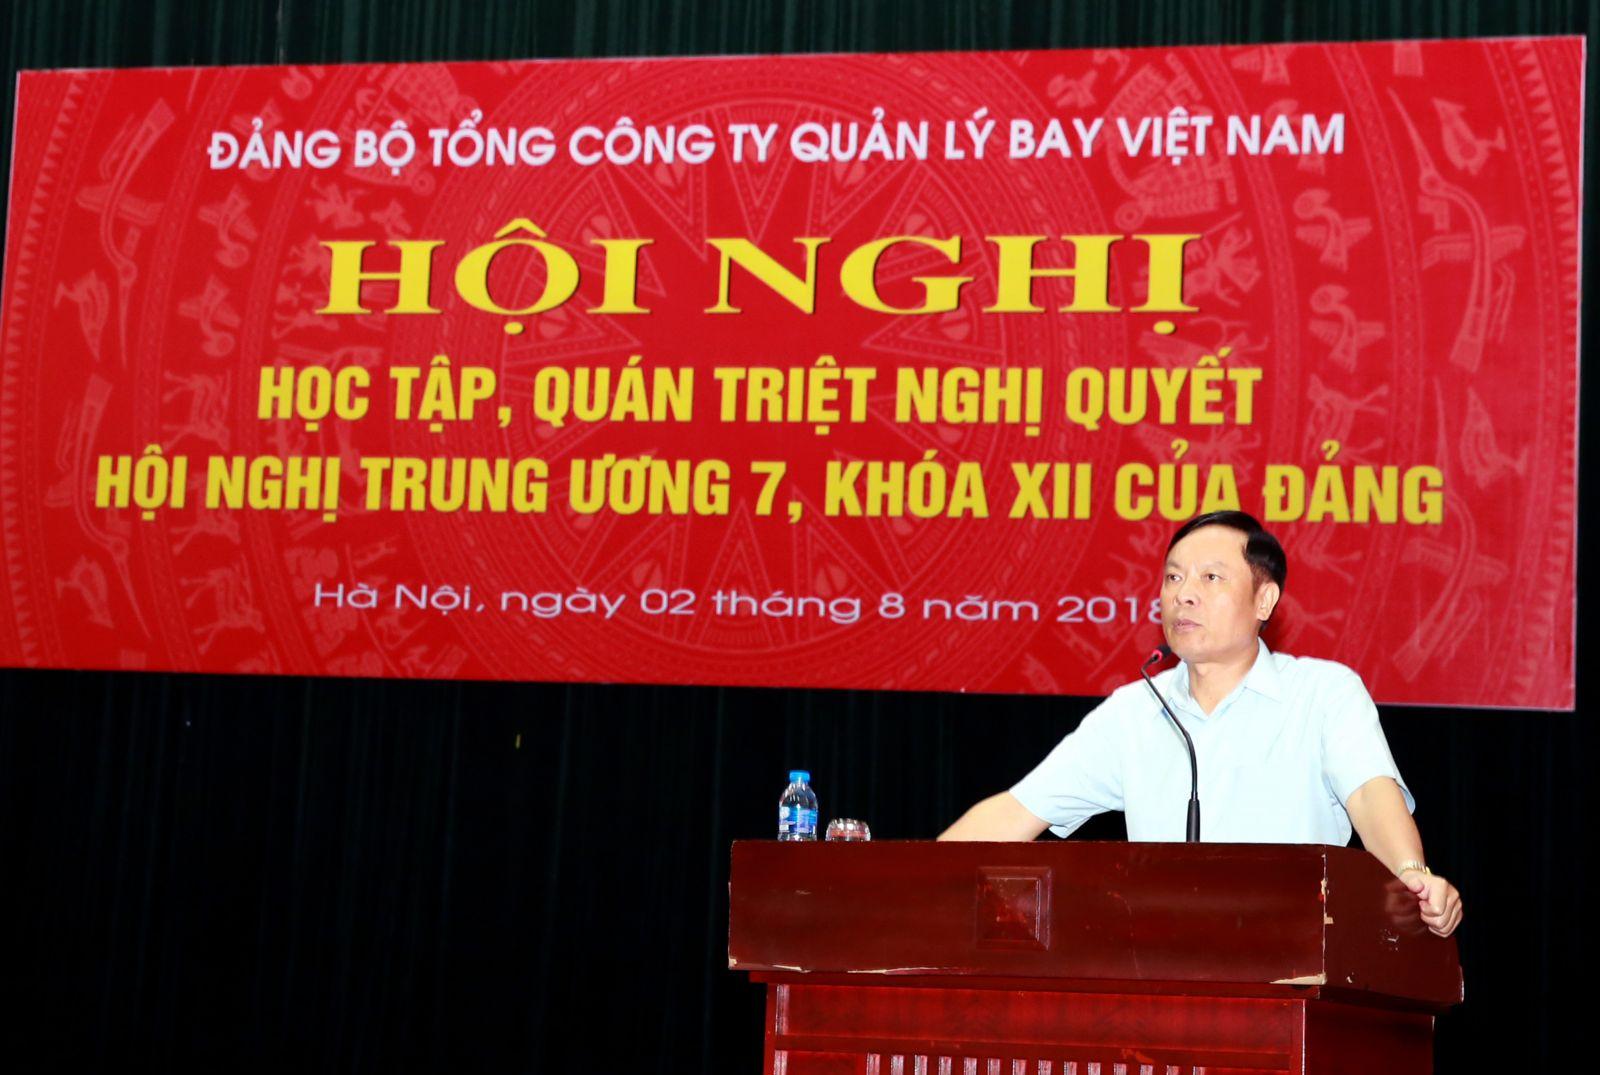 Tổng công ty Quản lý bay Việt Nam quán triệt Nghị quyết Hội nghị Trung ương 7